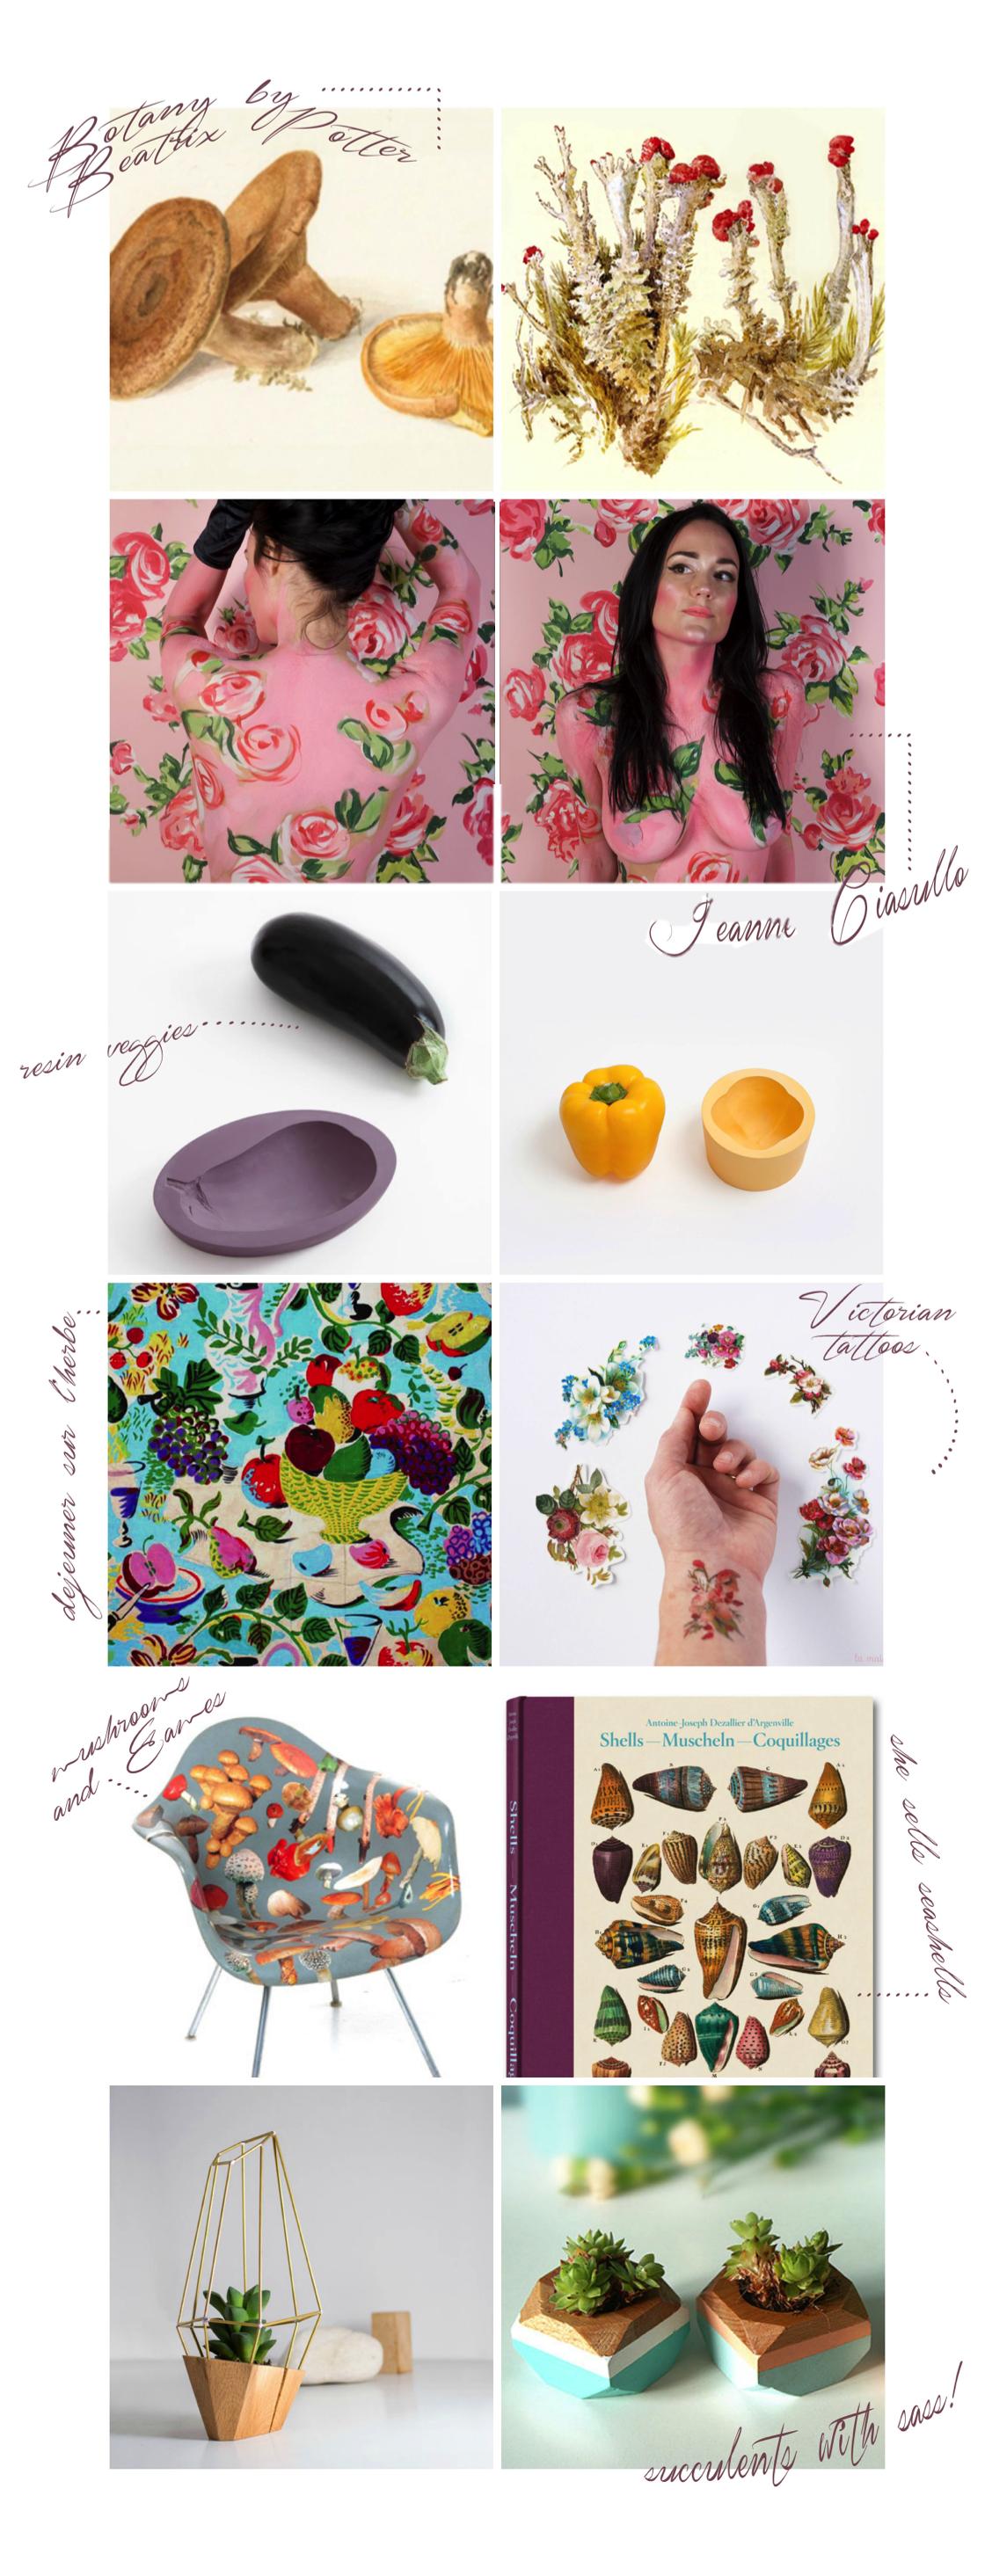 Botany & Blooms